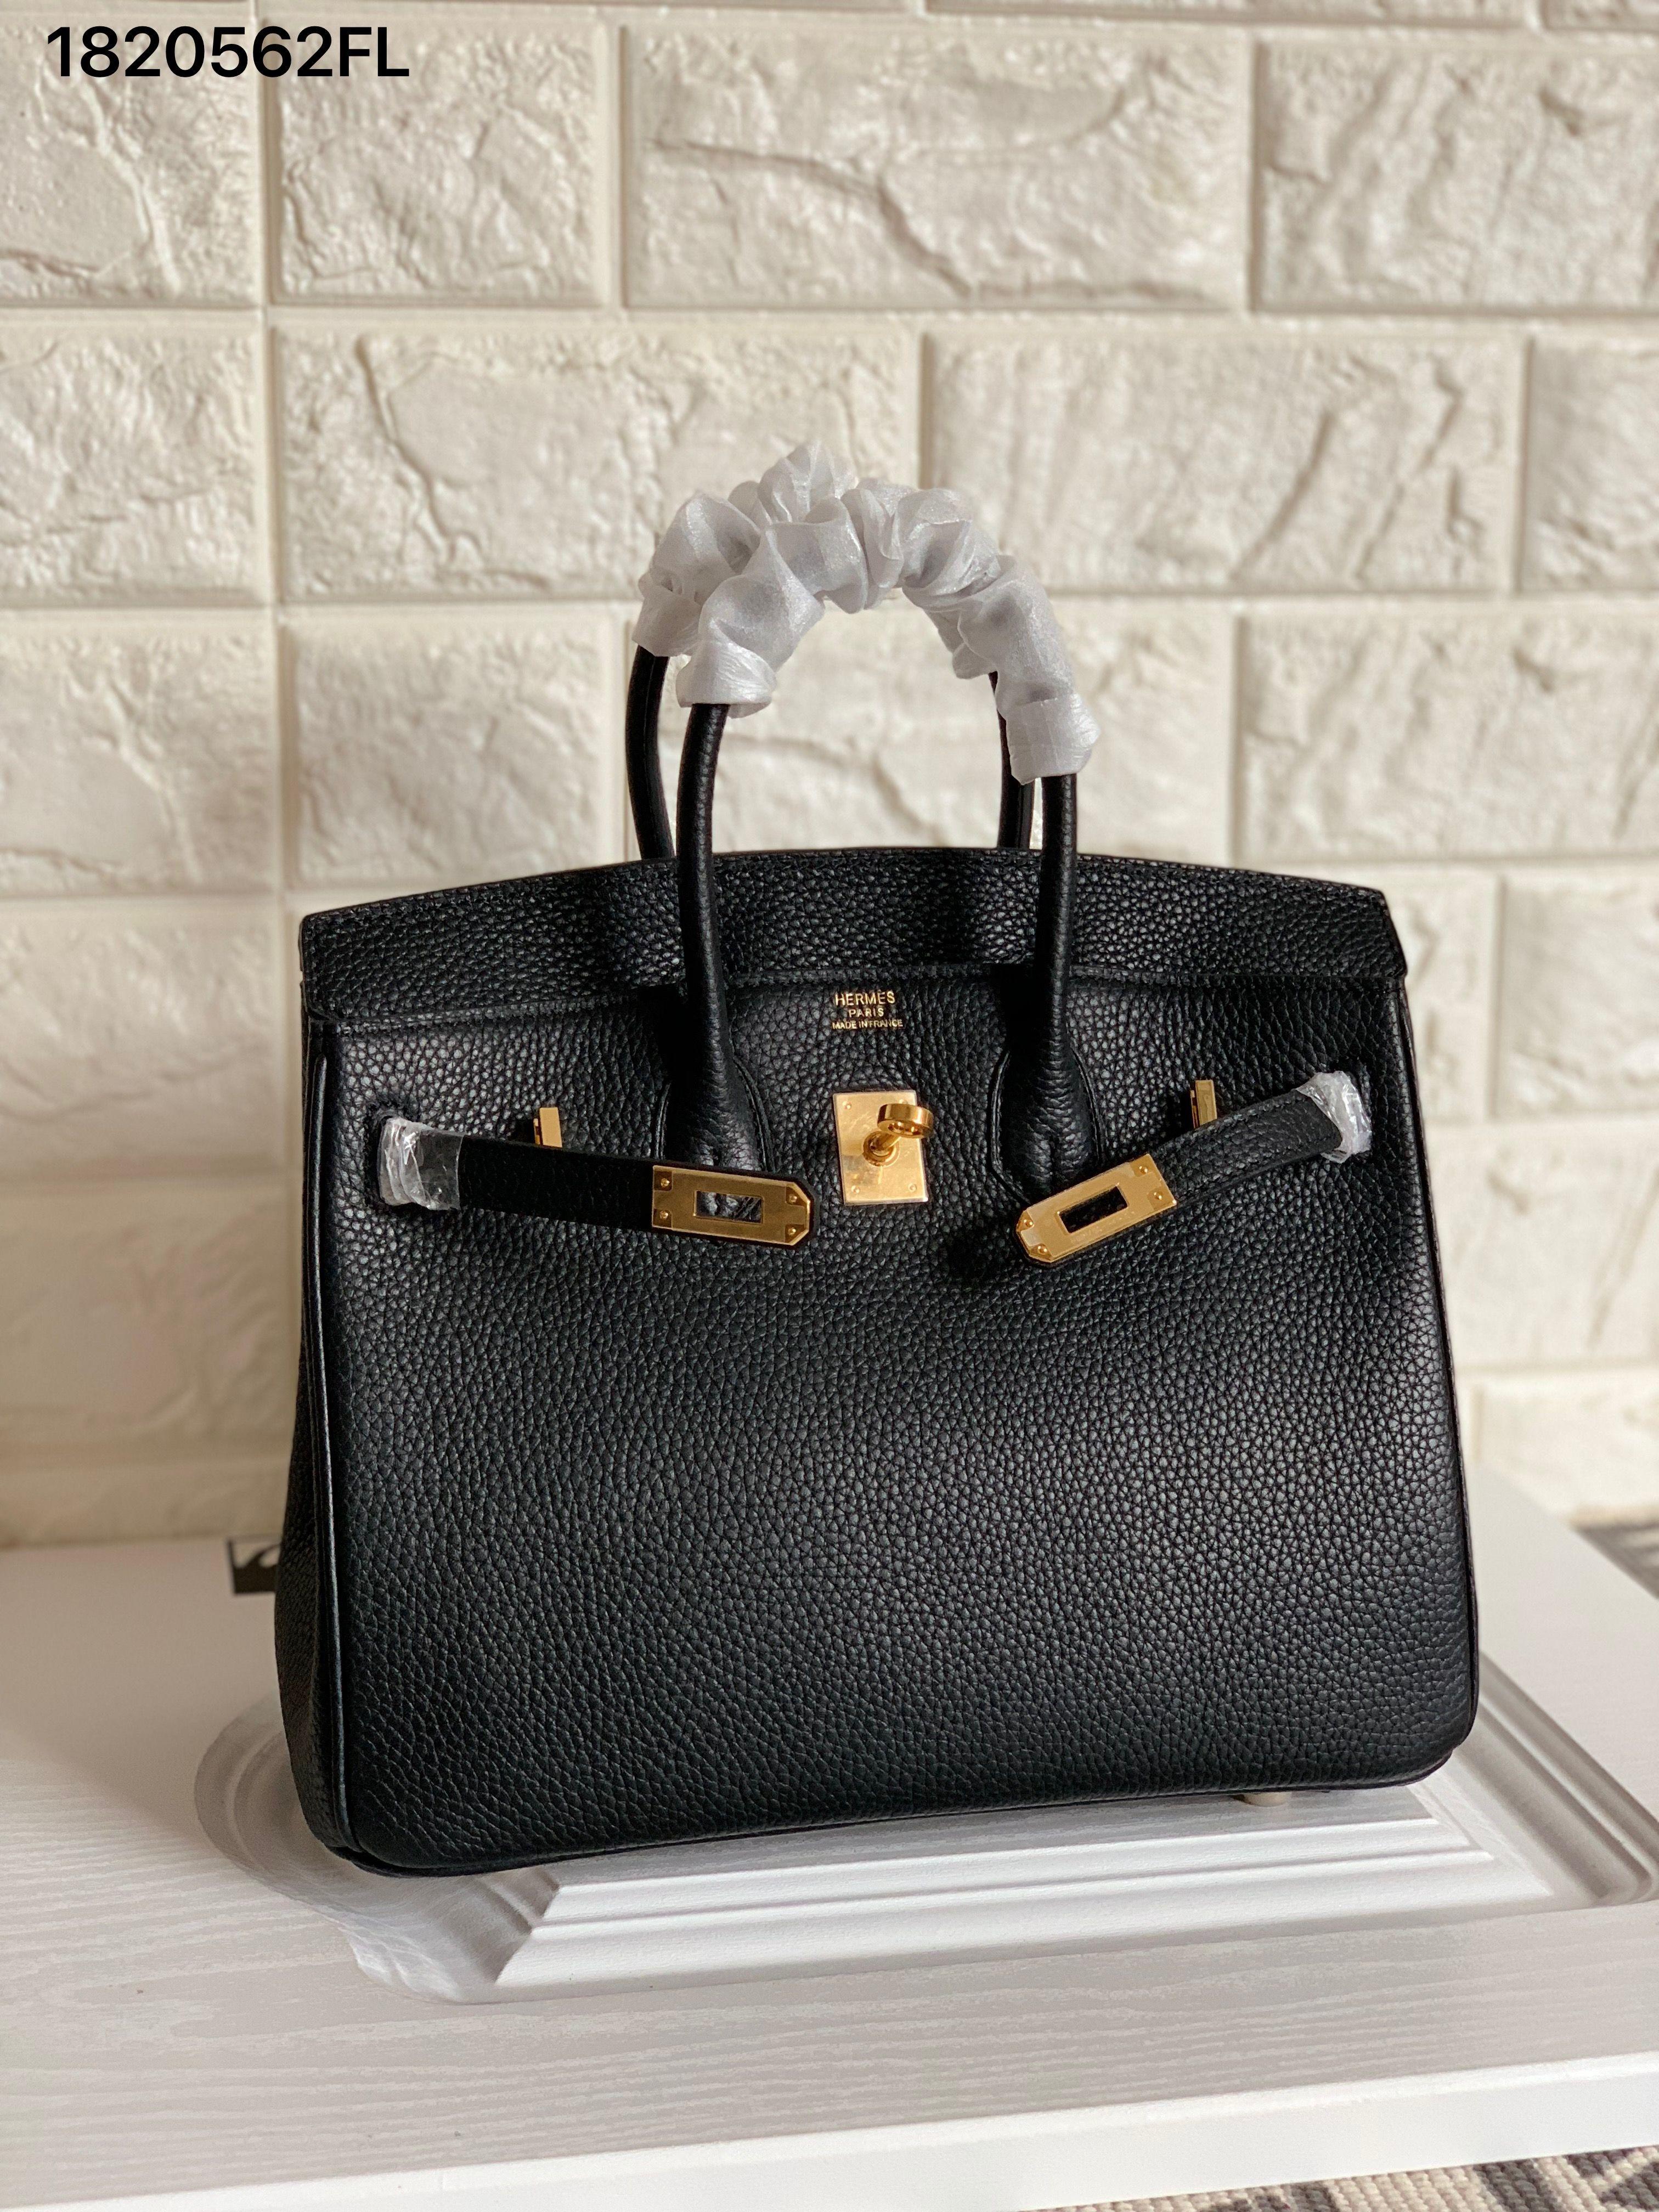 60f0bd678e9 Hermes birkin bag Togo original leather version 25cm black gold ...